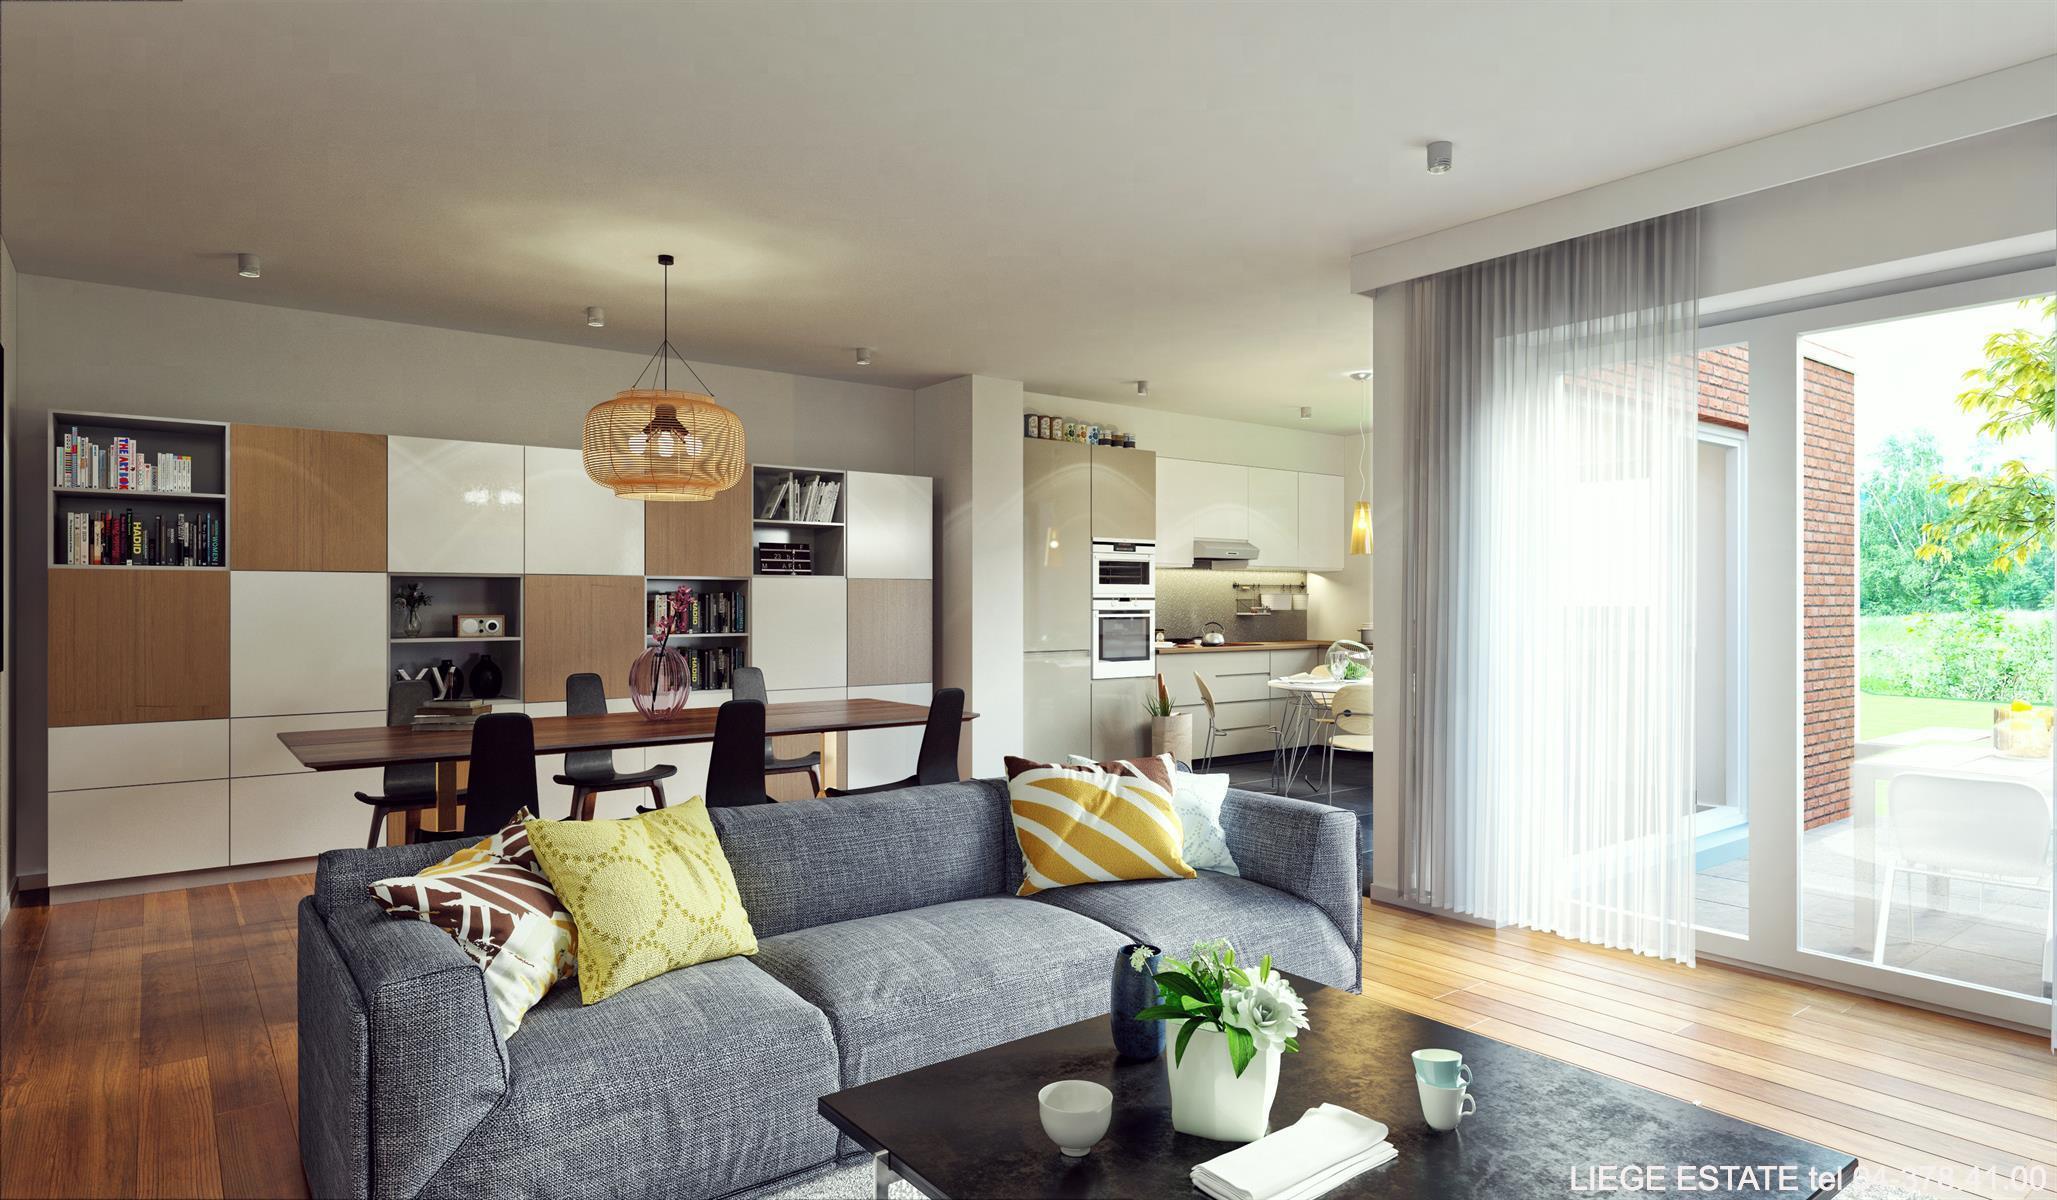 Berloz 9 nouvelles constructions - Berloz Rosoux-Crenwick - #3876224-39